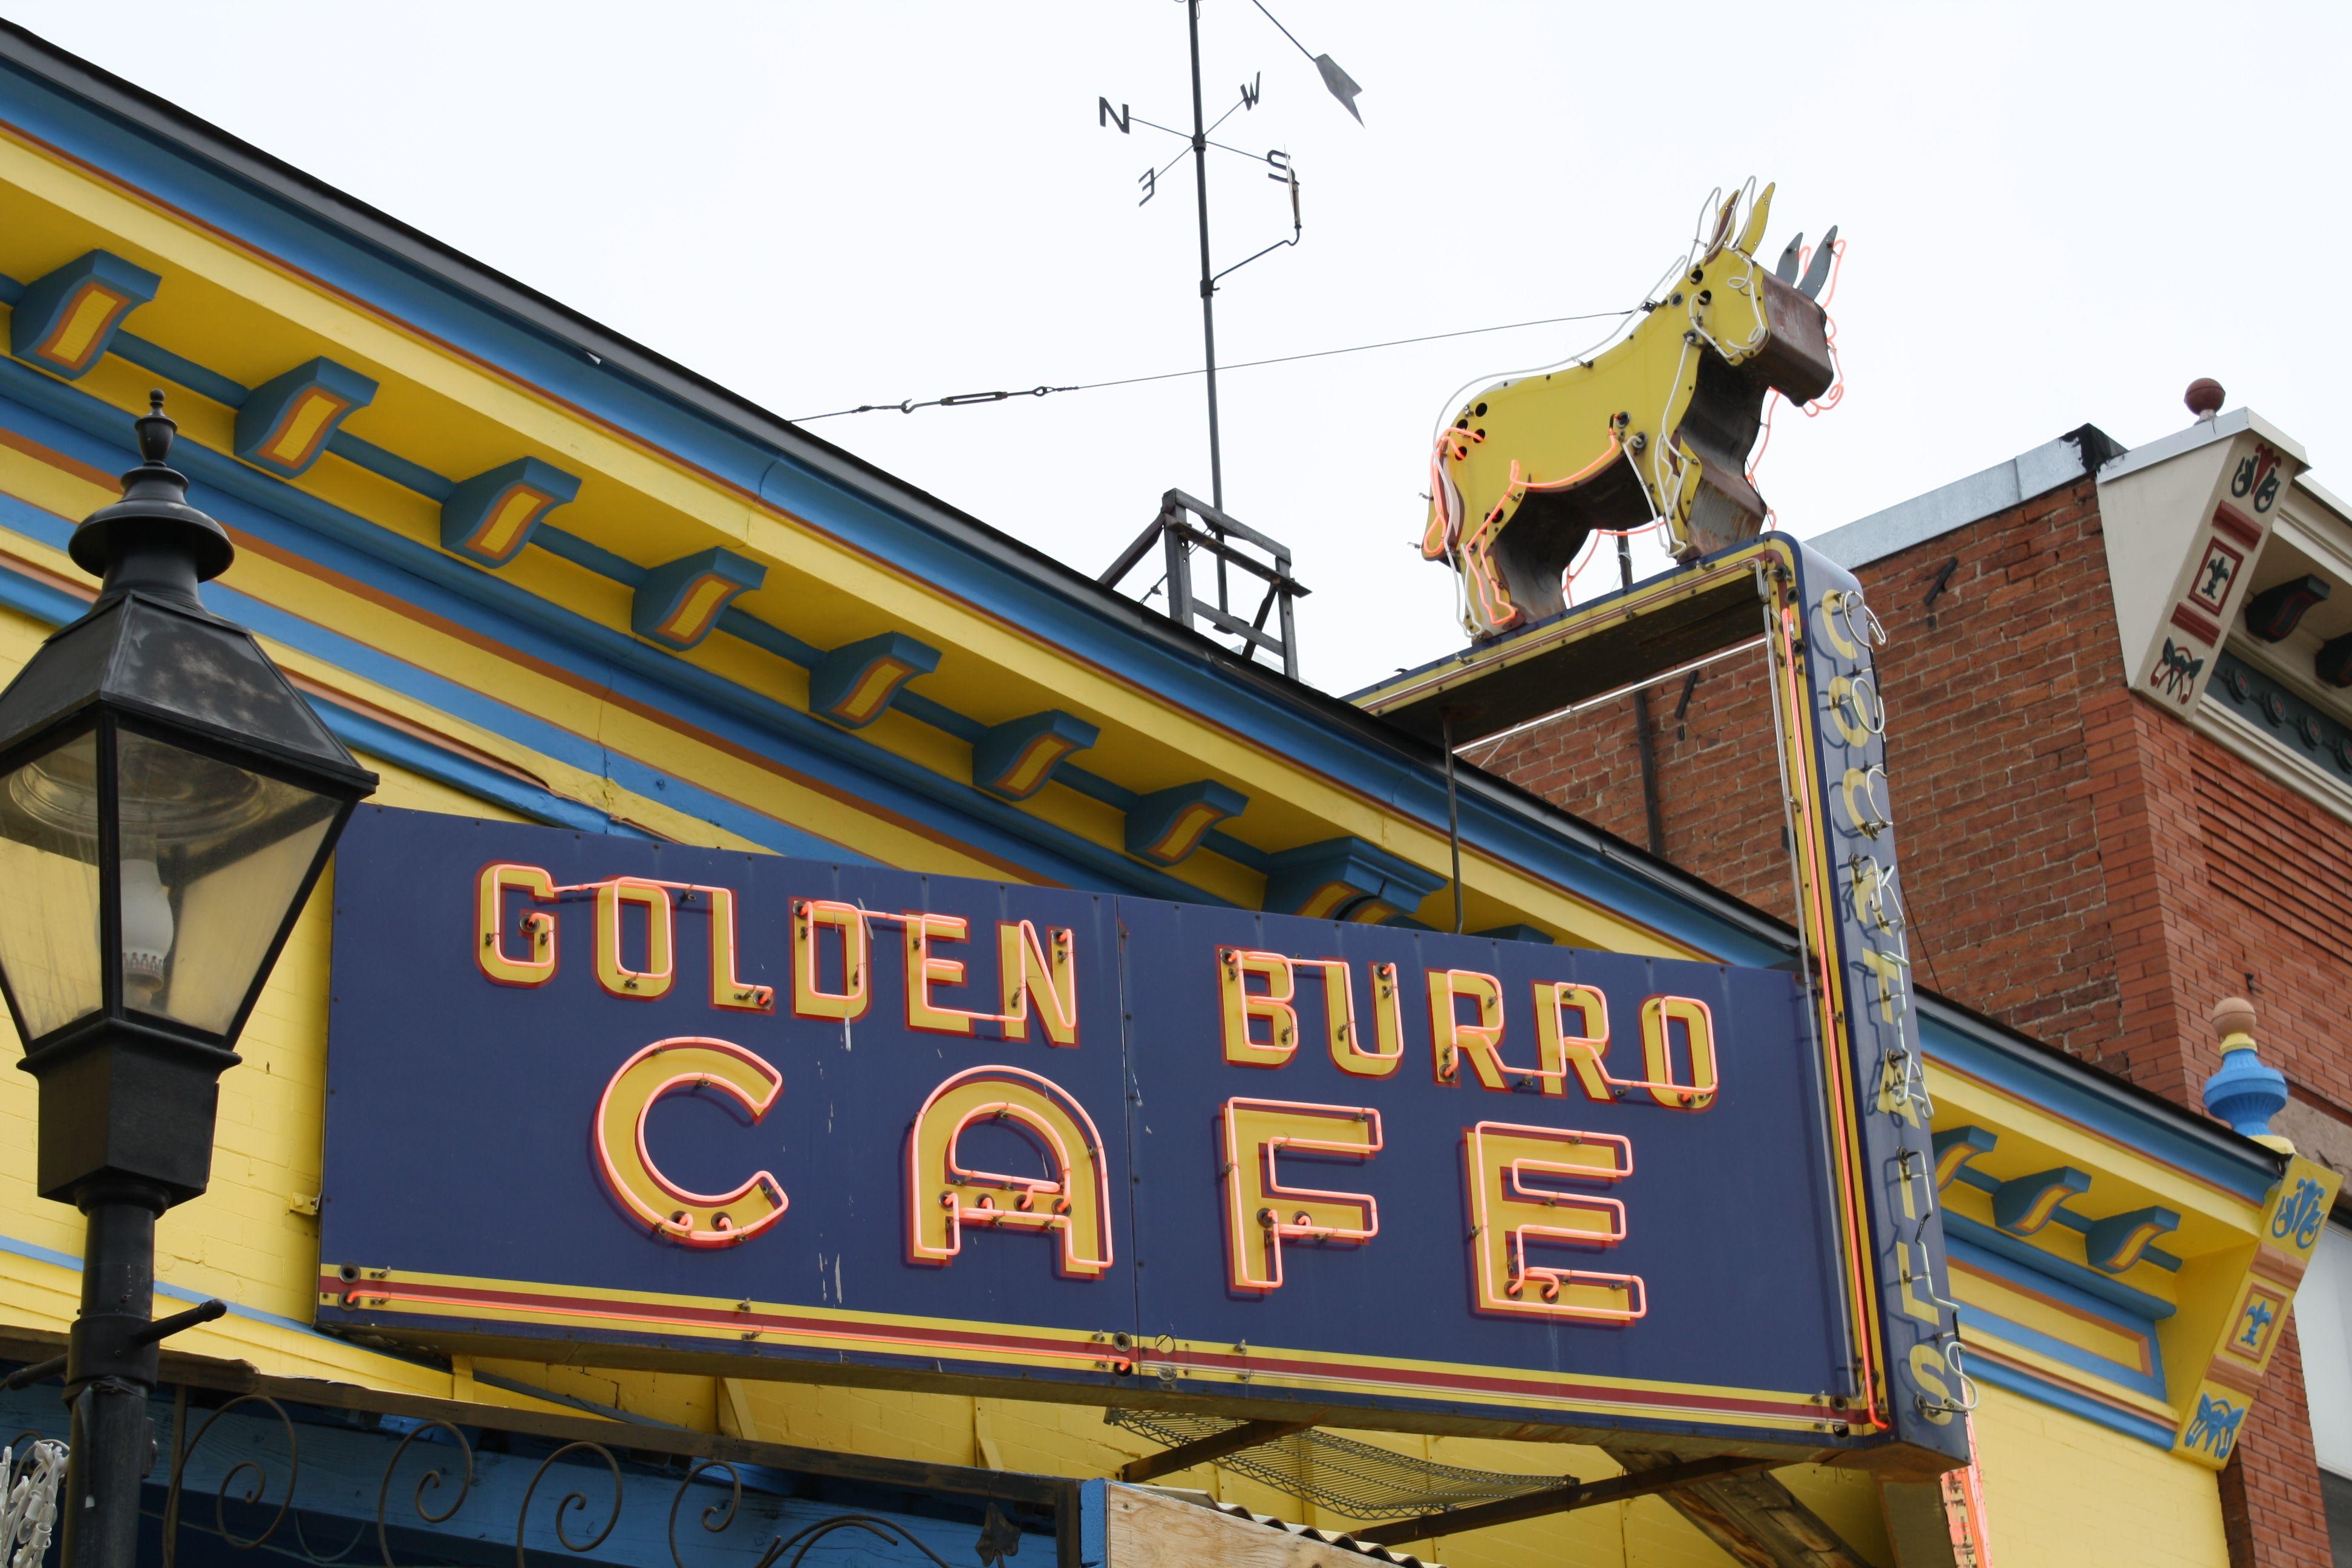 Golden Burro Cafe In Leadville Co Serves A Great Breakfast